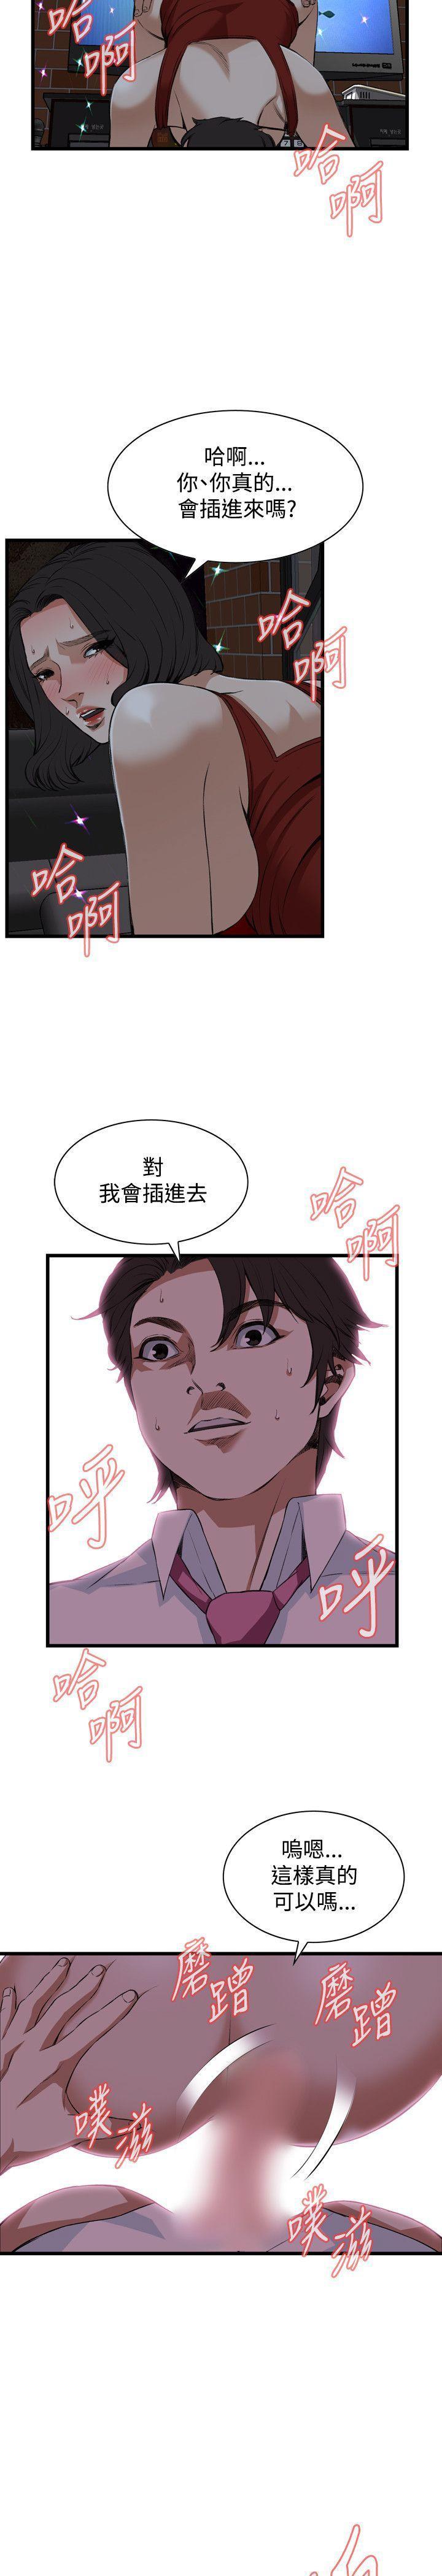 偷窥72-93 Chinese Rsiky 57